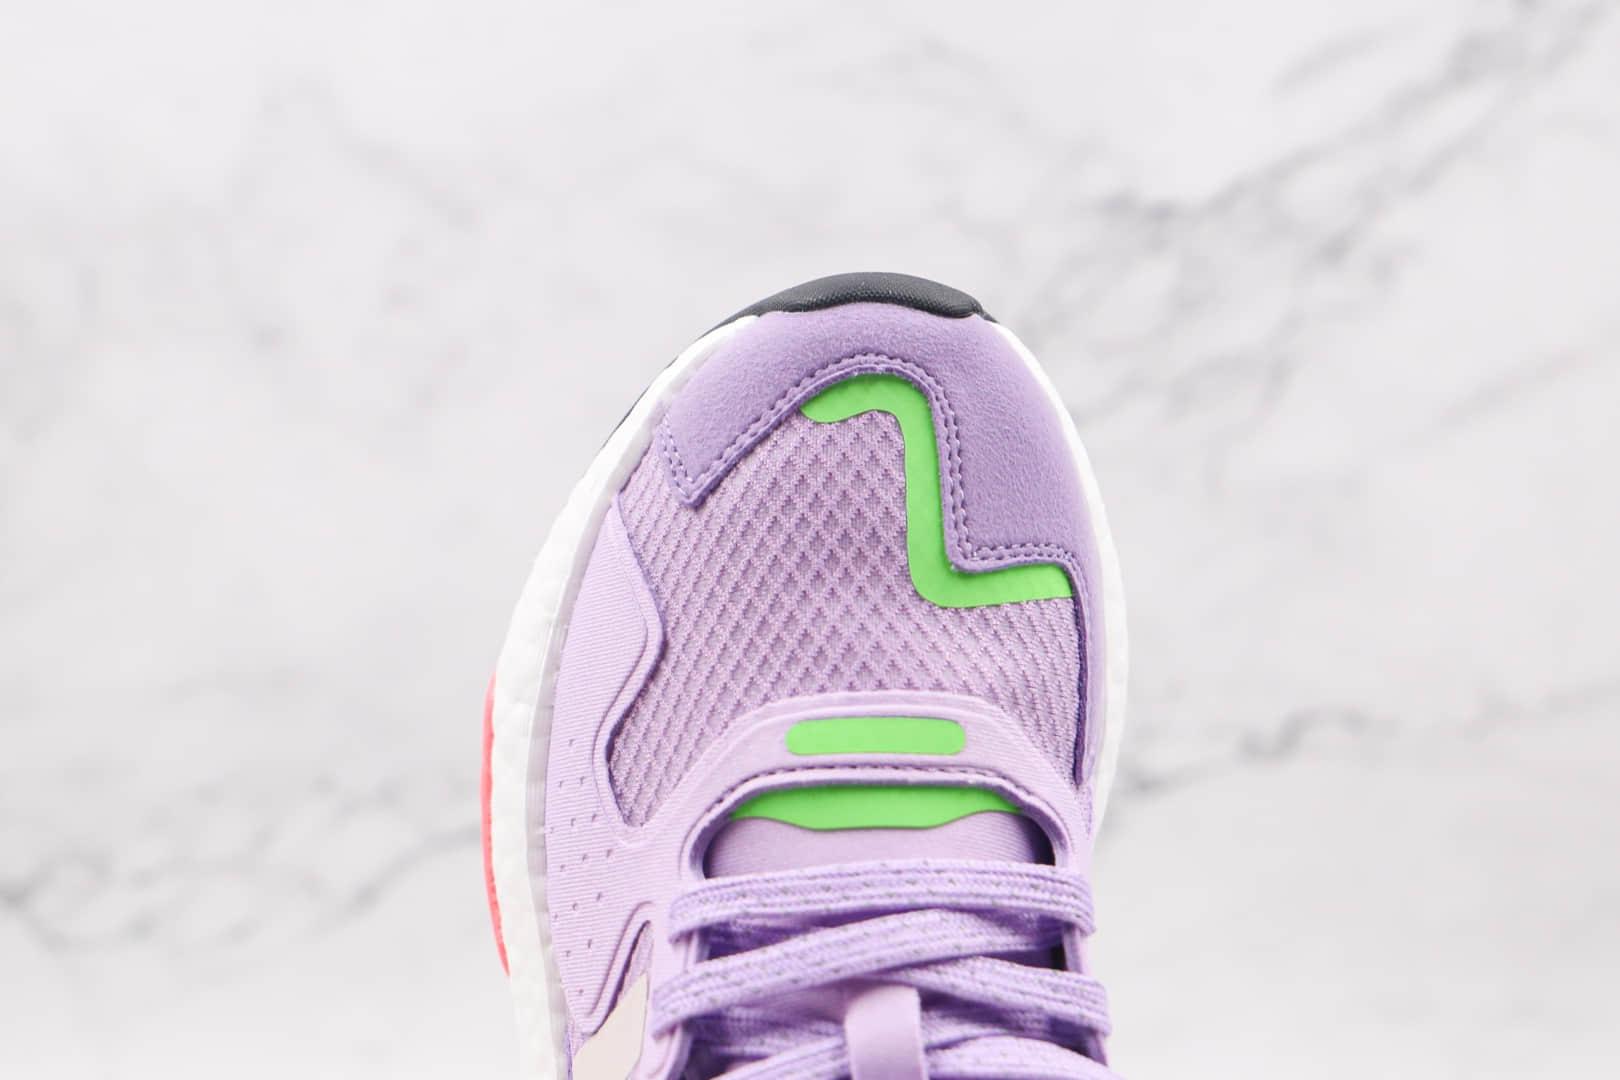 阿迪达斯Adidas Originals 2020 Day Jogger Boost 2020纯原版本三叶草夜行者二代紫色爆米花跑鞋原楦头纸板打造 货号:FW4827